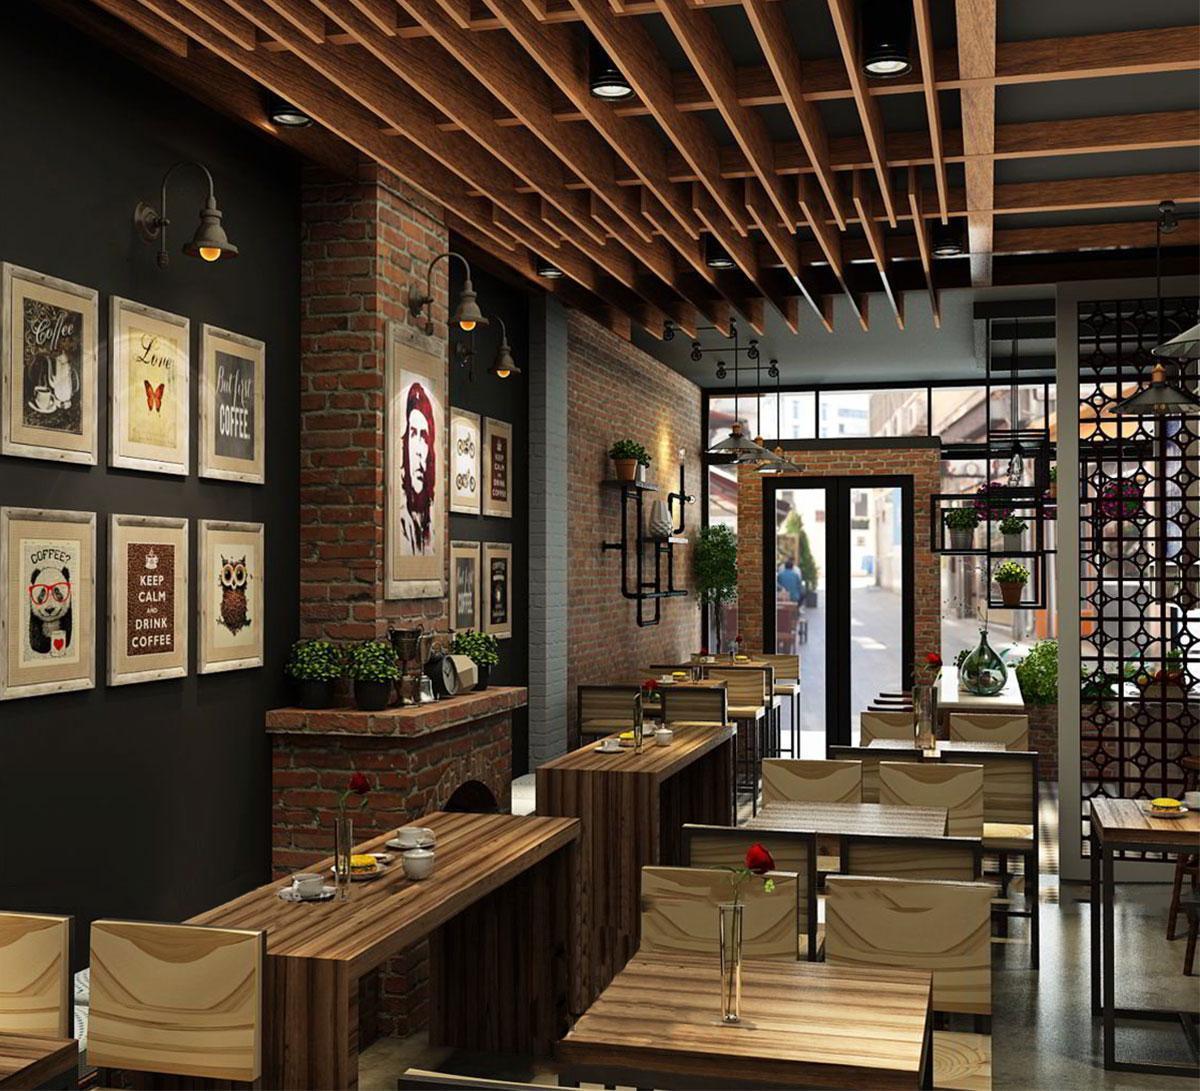 Dự đoán 5 phong cách thiết kế quán cafe sẽ làm mưa làm gió khiến bạn mê mẩn